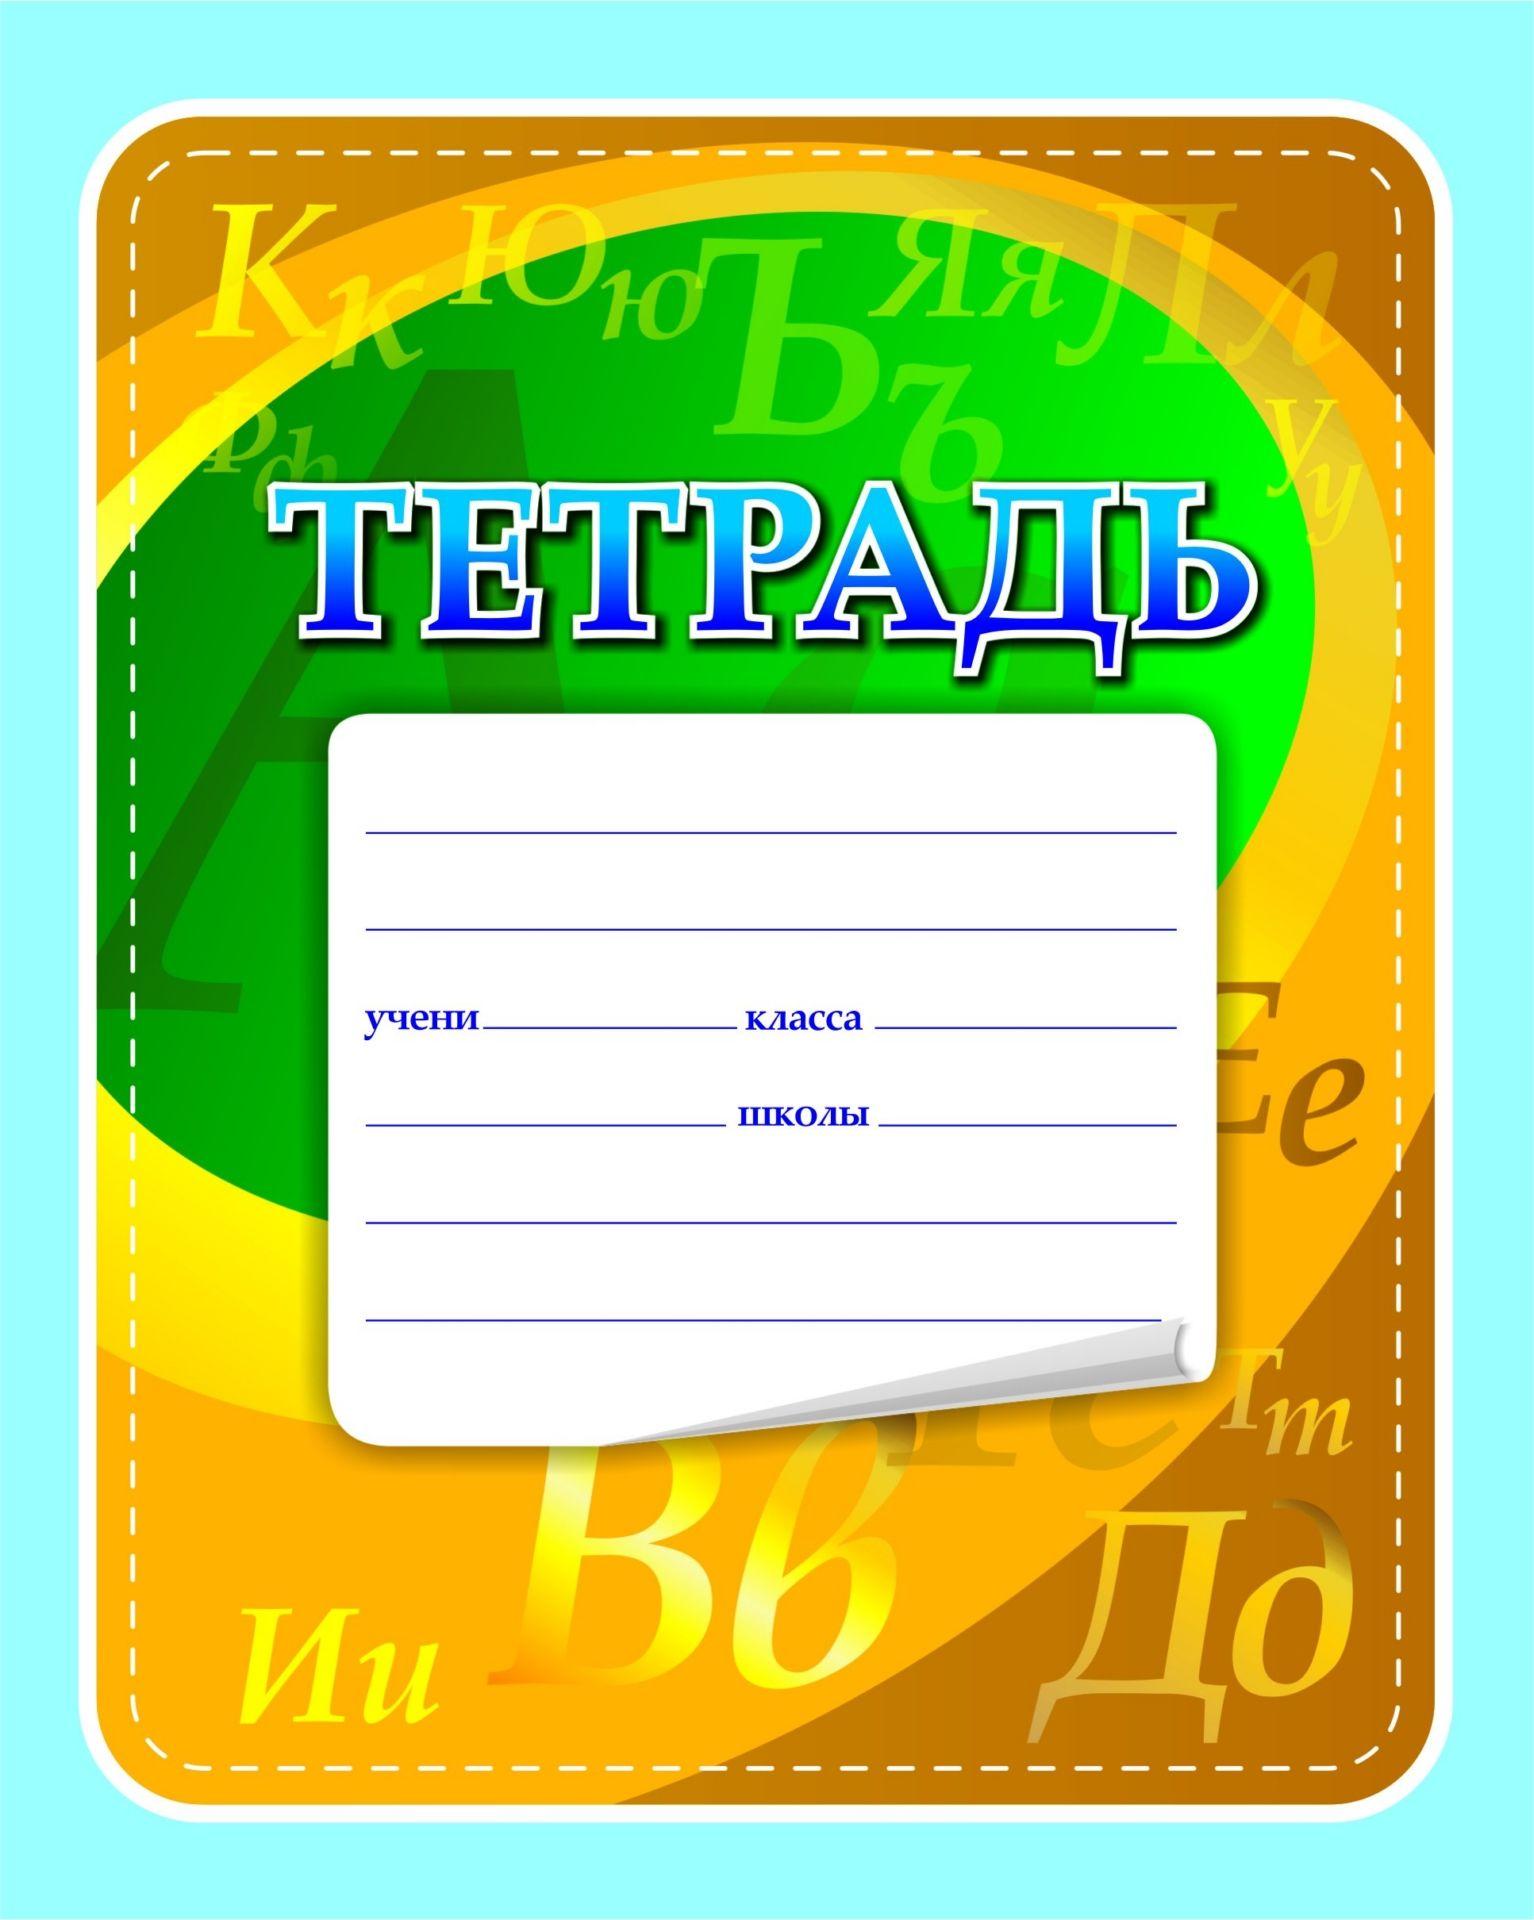 Тетрадь по русскому языку (с грамматикой)Блокноты, ежедневники, тетради<br>.<br><br>Авторы: Бондарева Т. В.<br>Год: 2017<br>Высота: 205<br>Ширина: 165<br>Толщина: 2<br>Переплёт: мягкая, скрепка